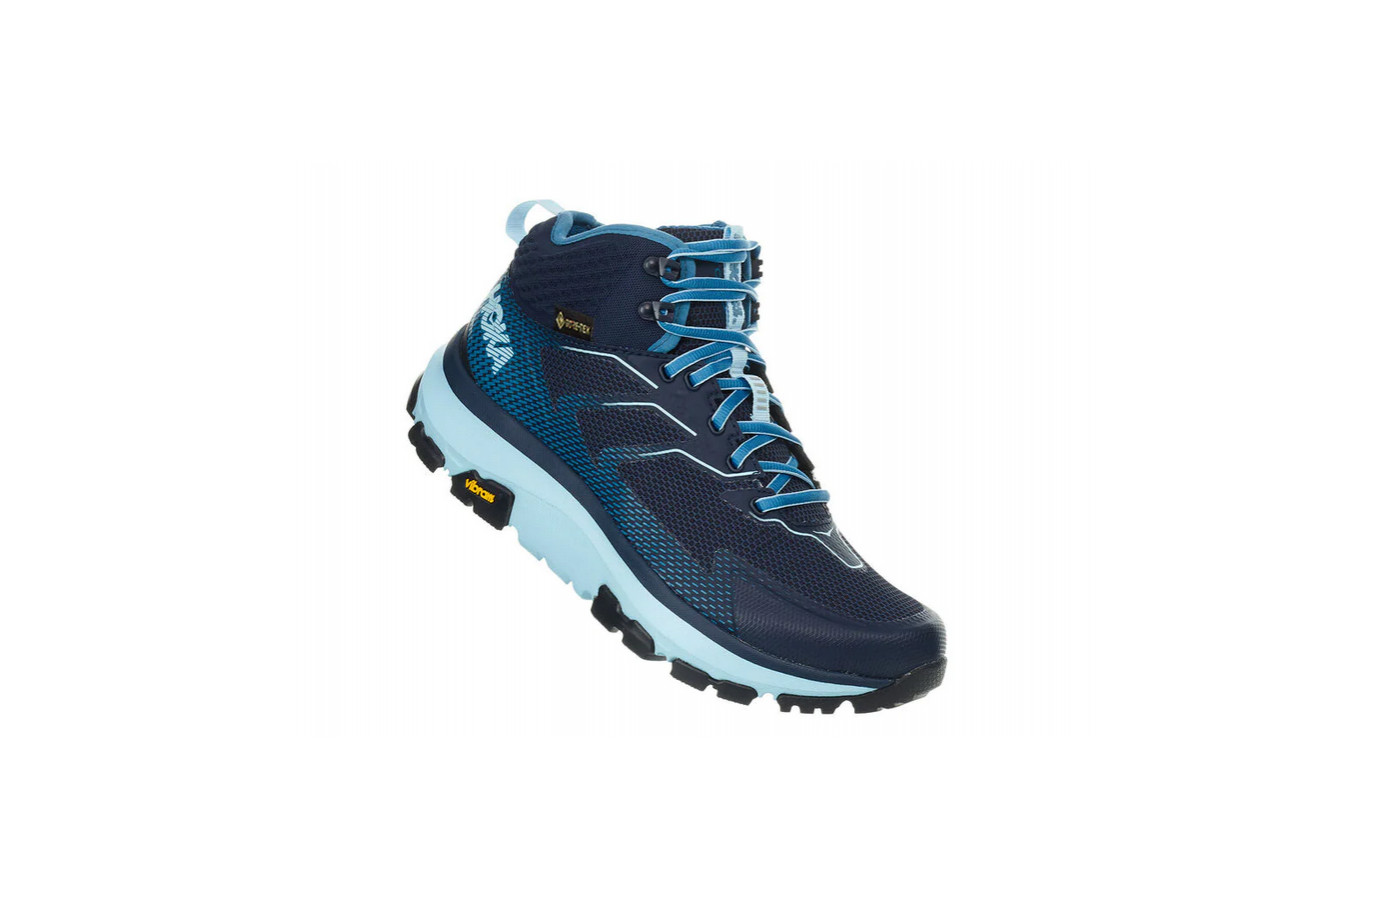 Hoka One One Sky Toa Hiking Boot